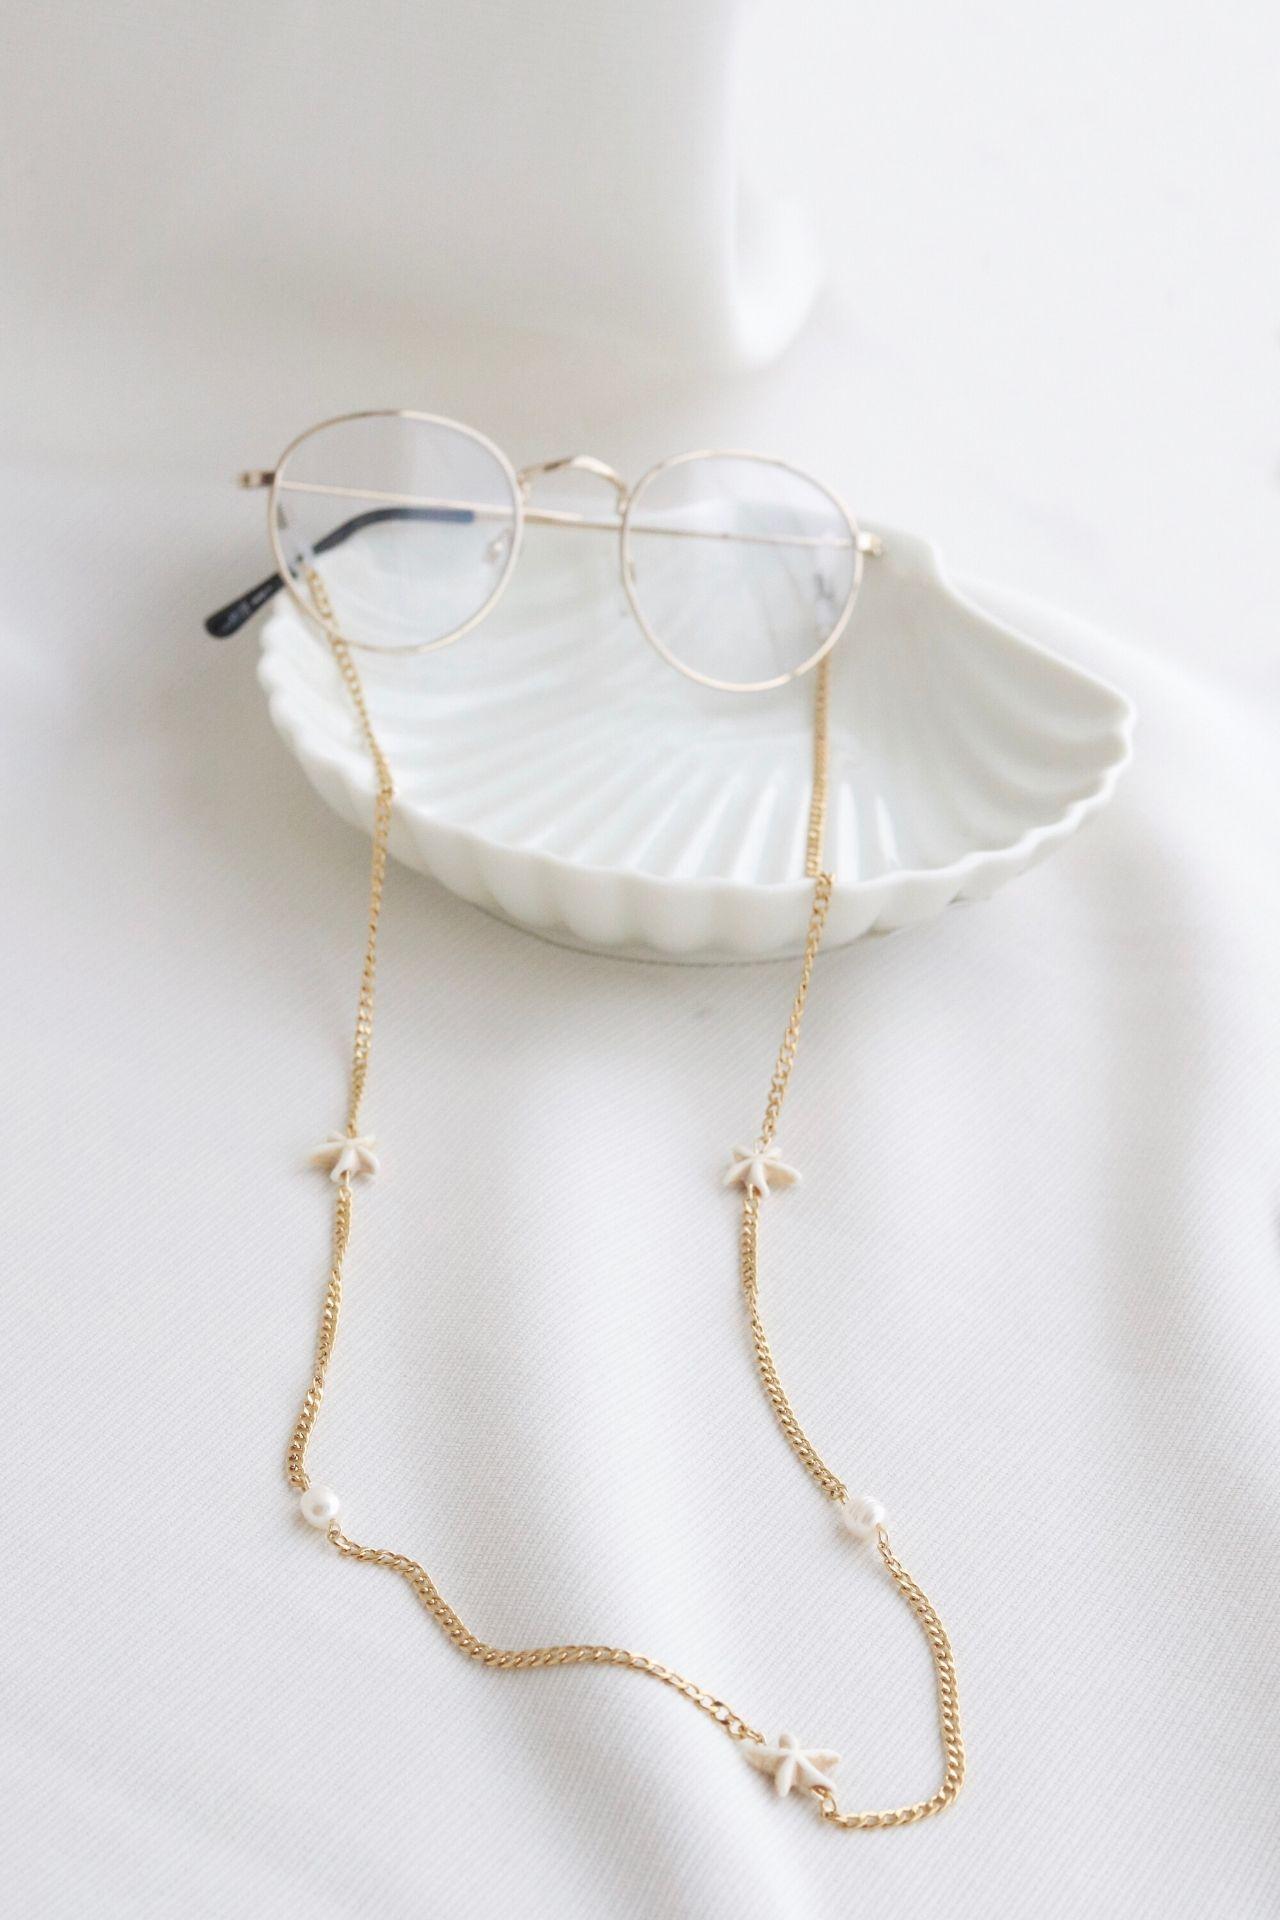 Holder de lentes con detalles de estrellas y perlas.  Material: acero.